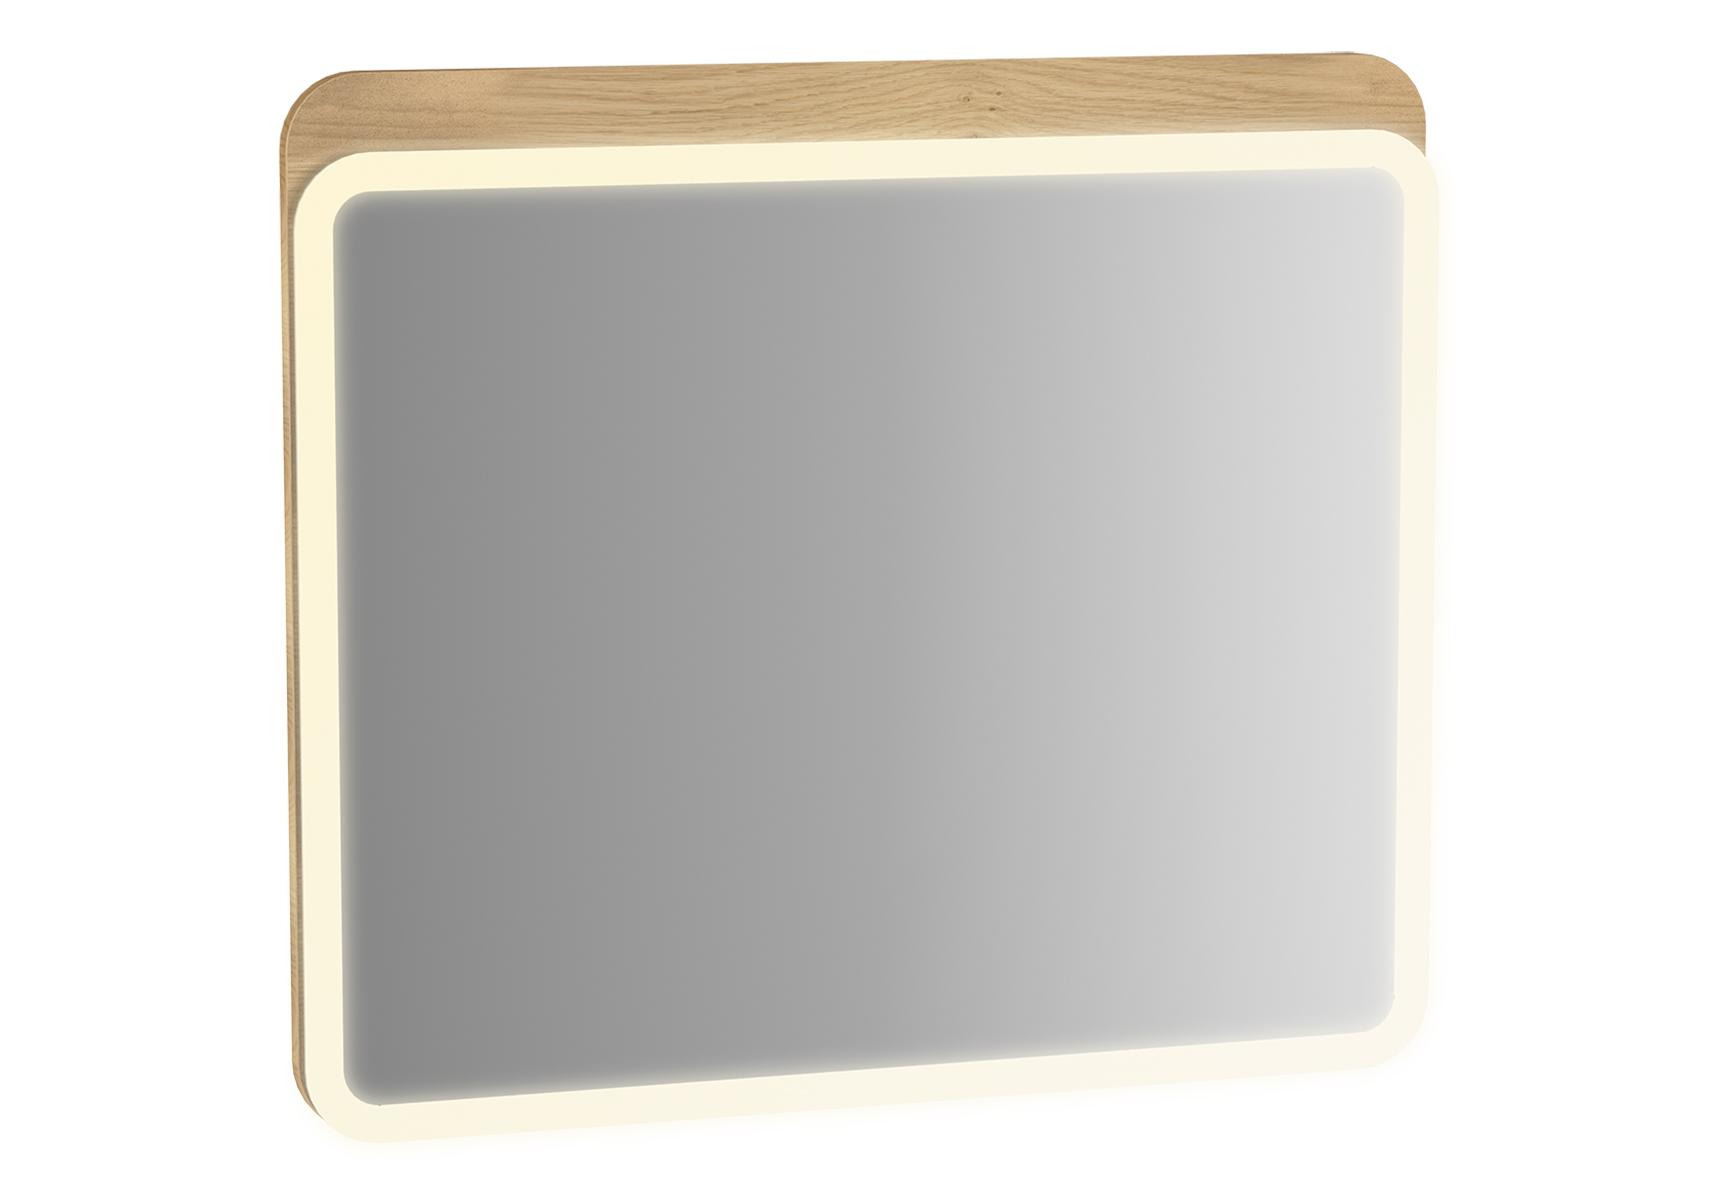 Sento miroir LED, 50 cm, décor chêne naturel, avec éclairage à LED péripherique